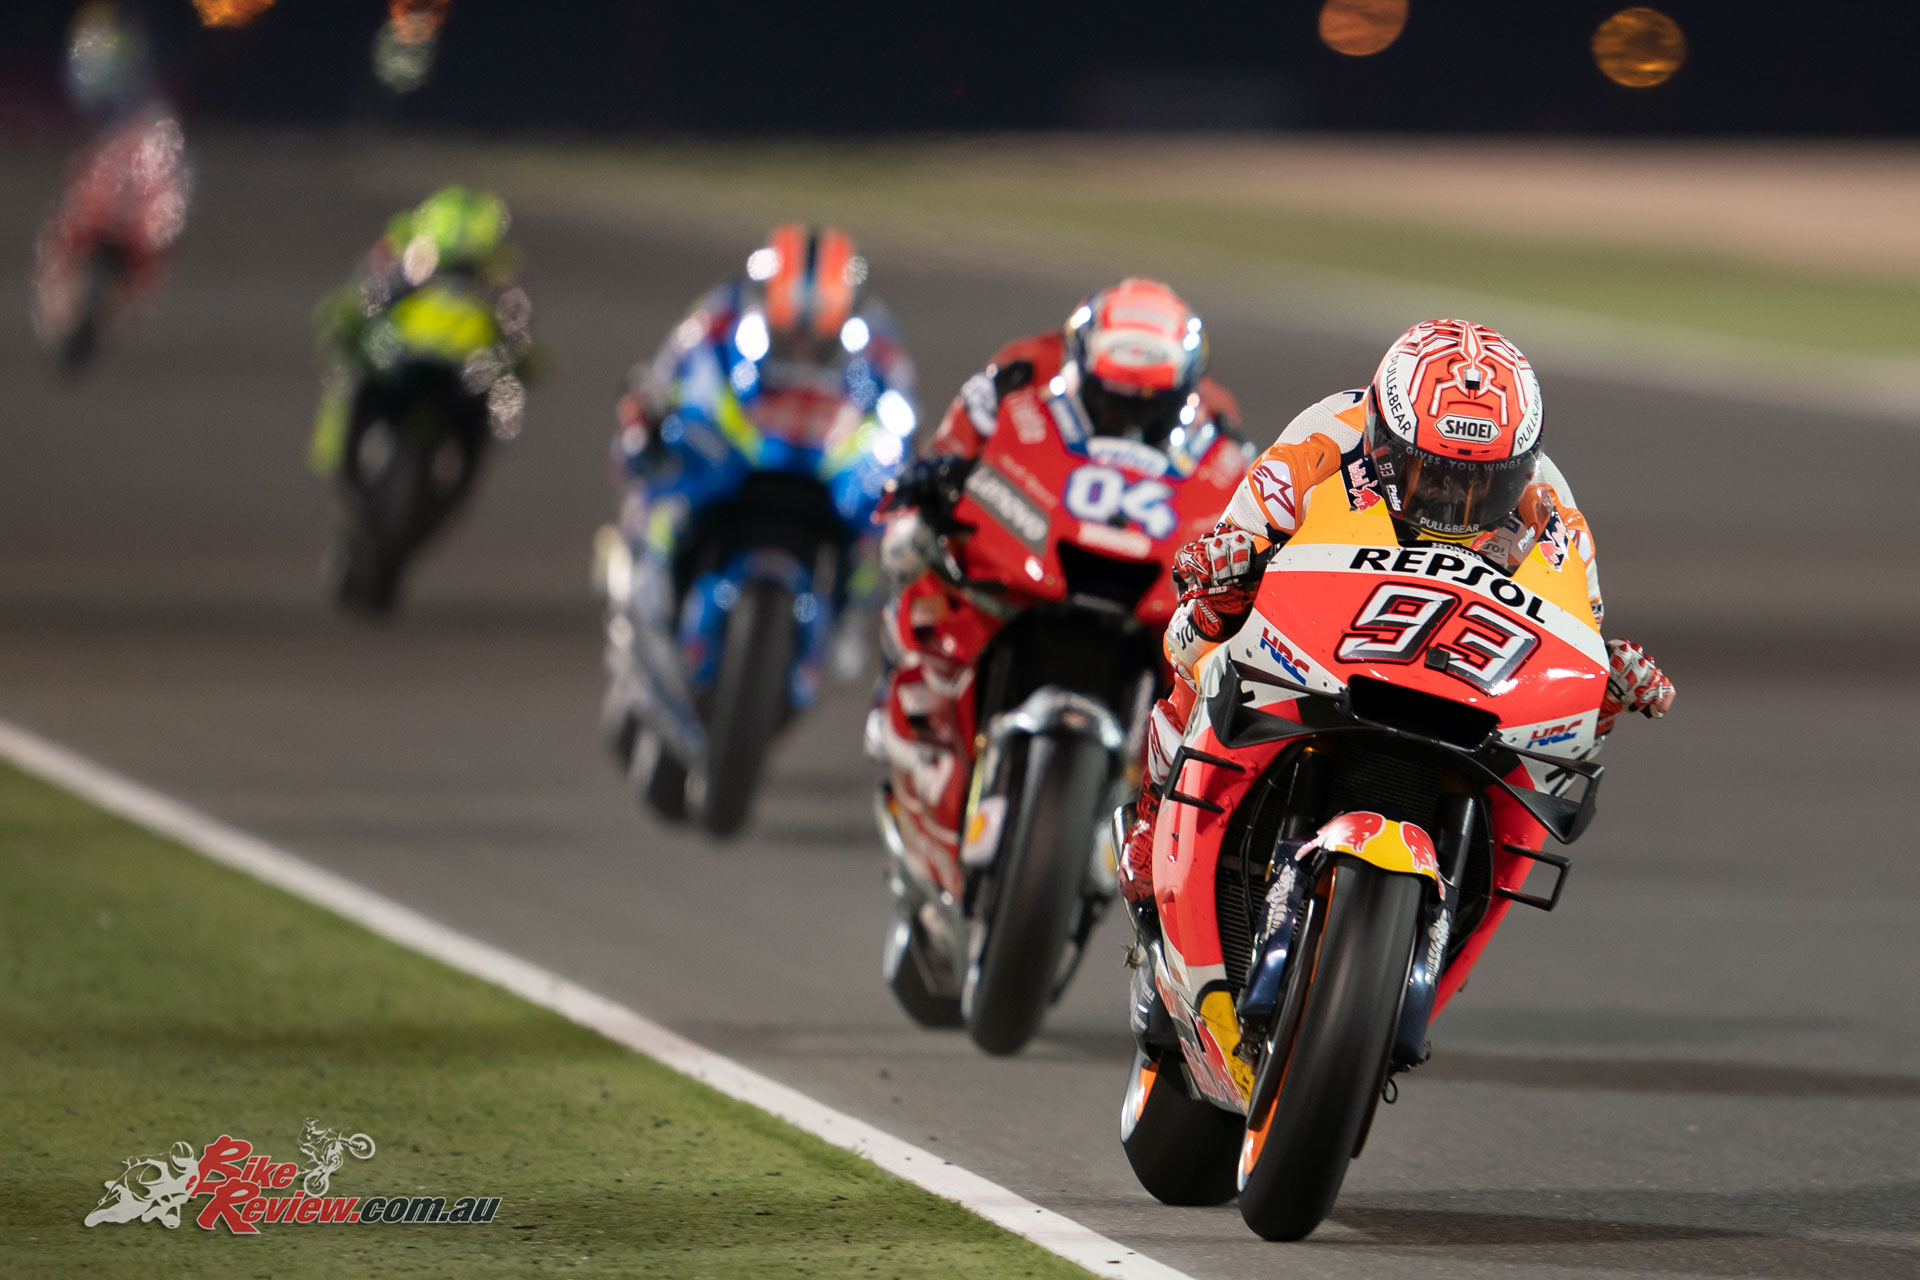 Marc Marquez - Qatar MotoGP - Round 1, 2019